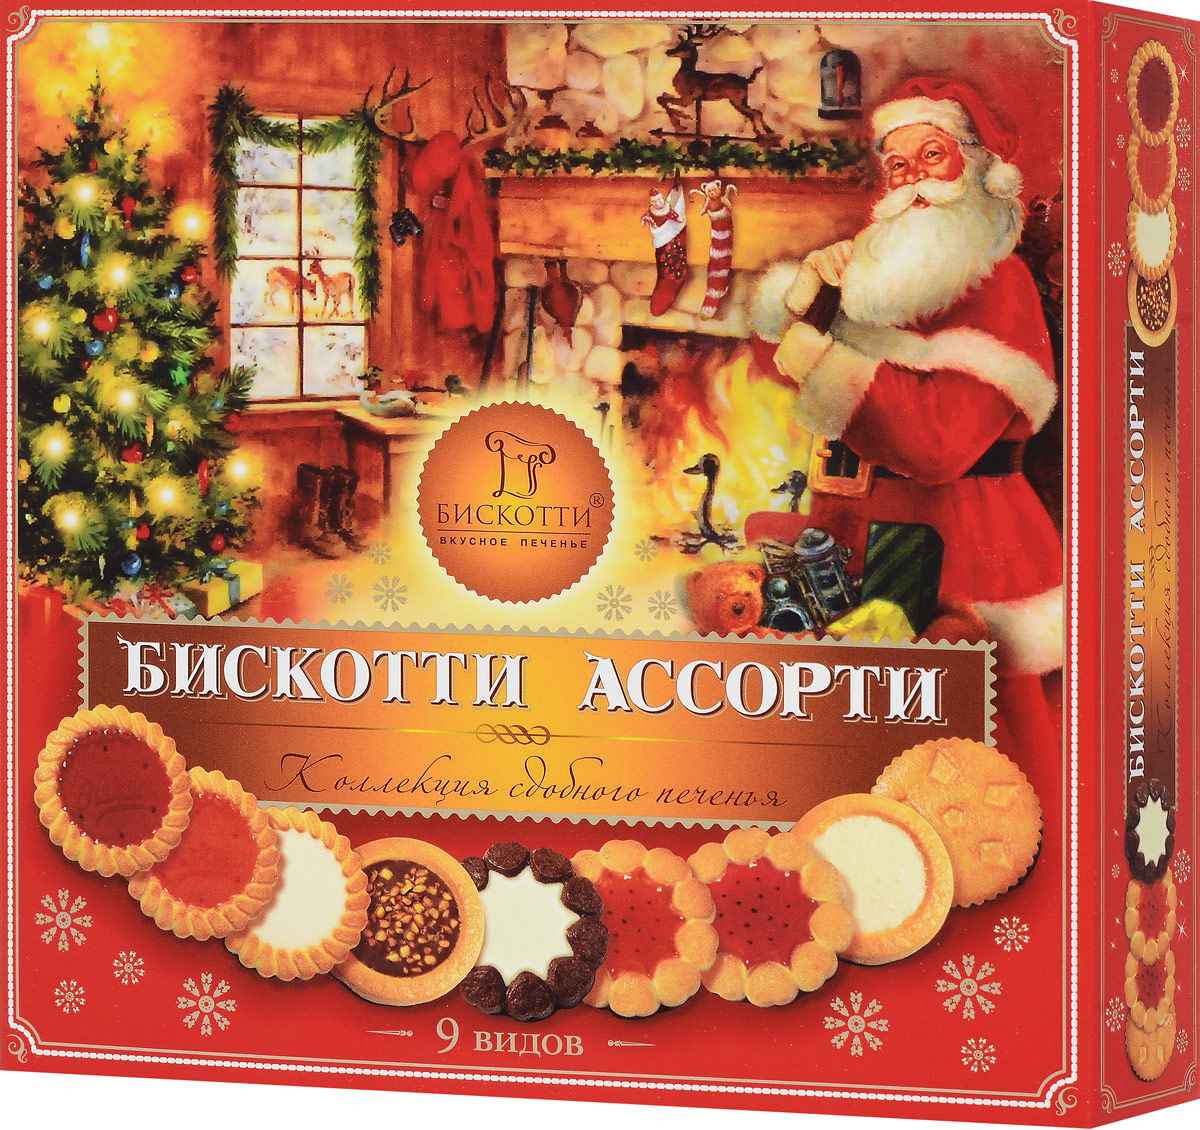 Бискотти Ассорти печенье сдобное, 345 г (9 видов) philips avent соска philips avent natural 2 шт поток средний c 3 мес